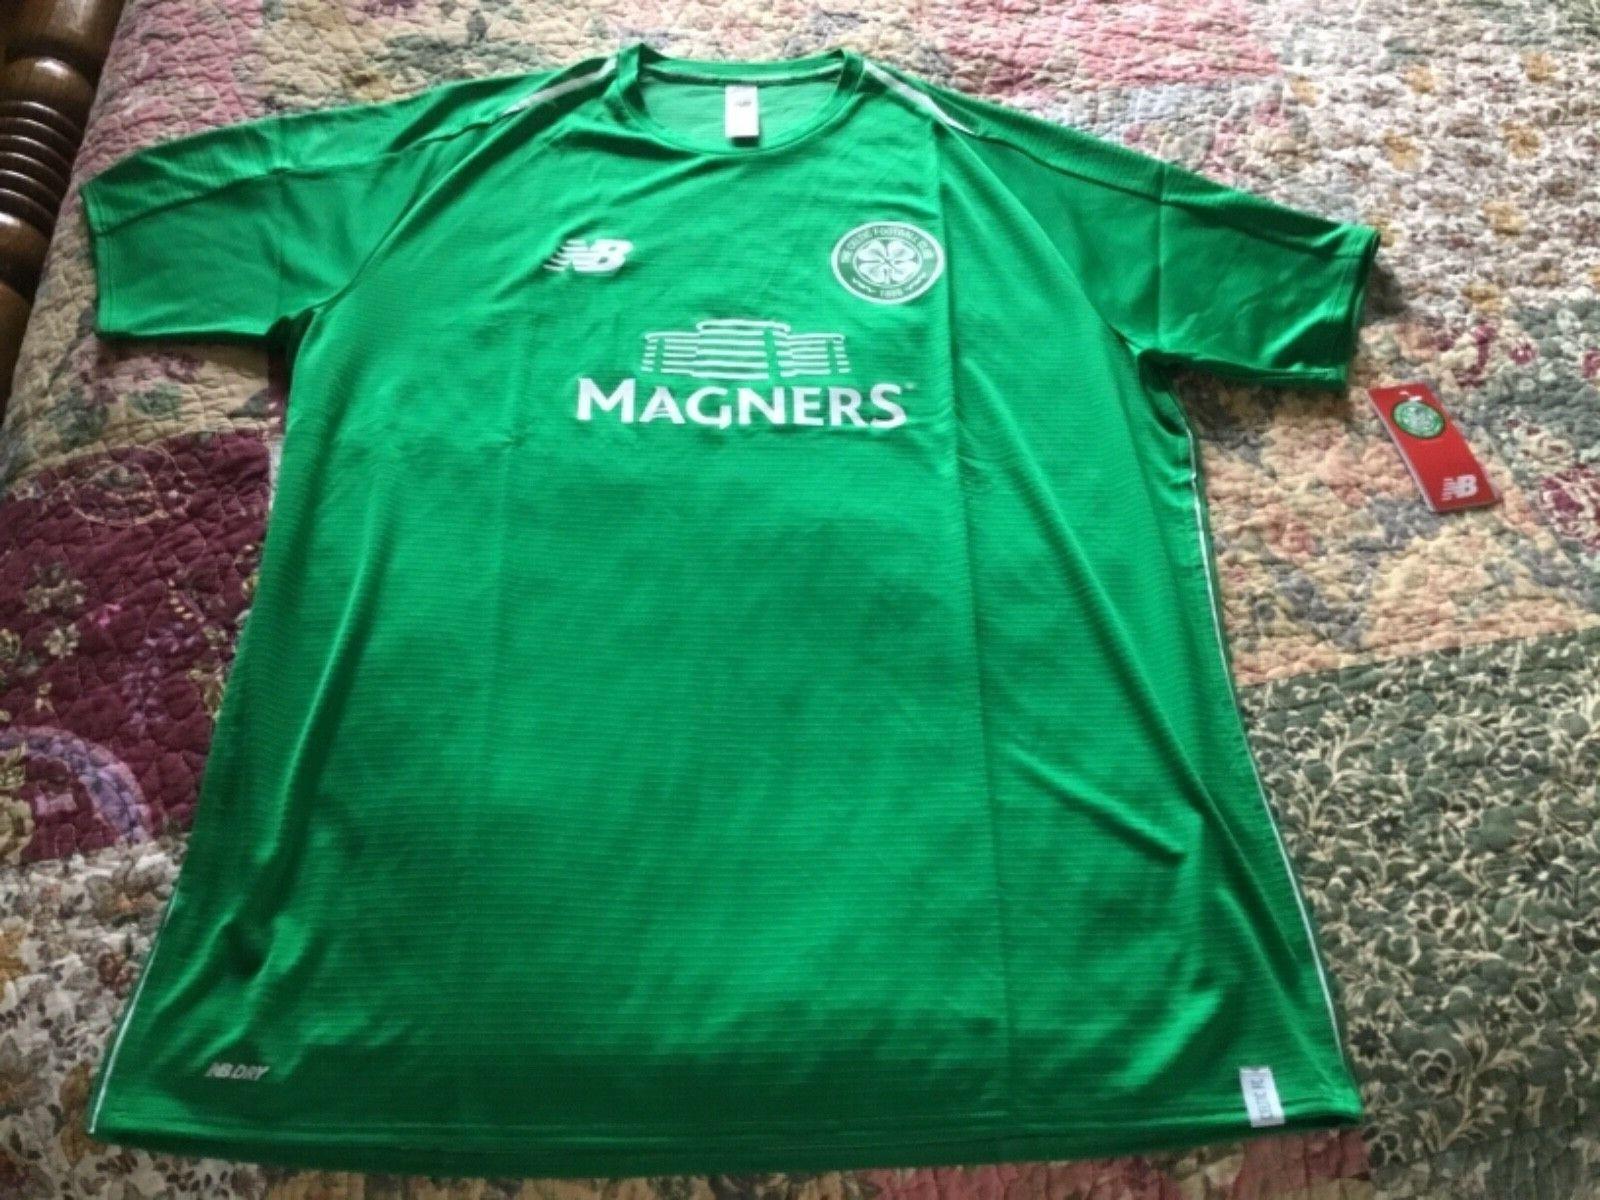 Lote de 2 camisetas de fútbol del FC Celta, hogar + capacitación Nuevo con etiquetas, XL, por New Balance De Escocia